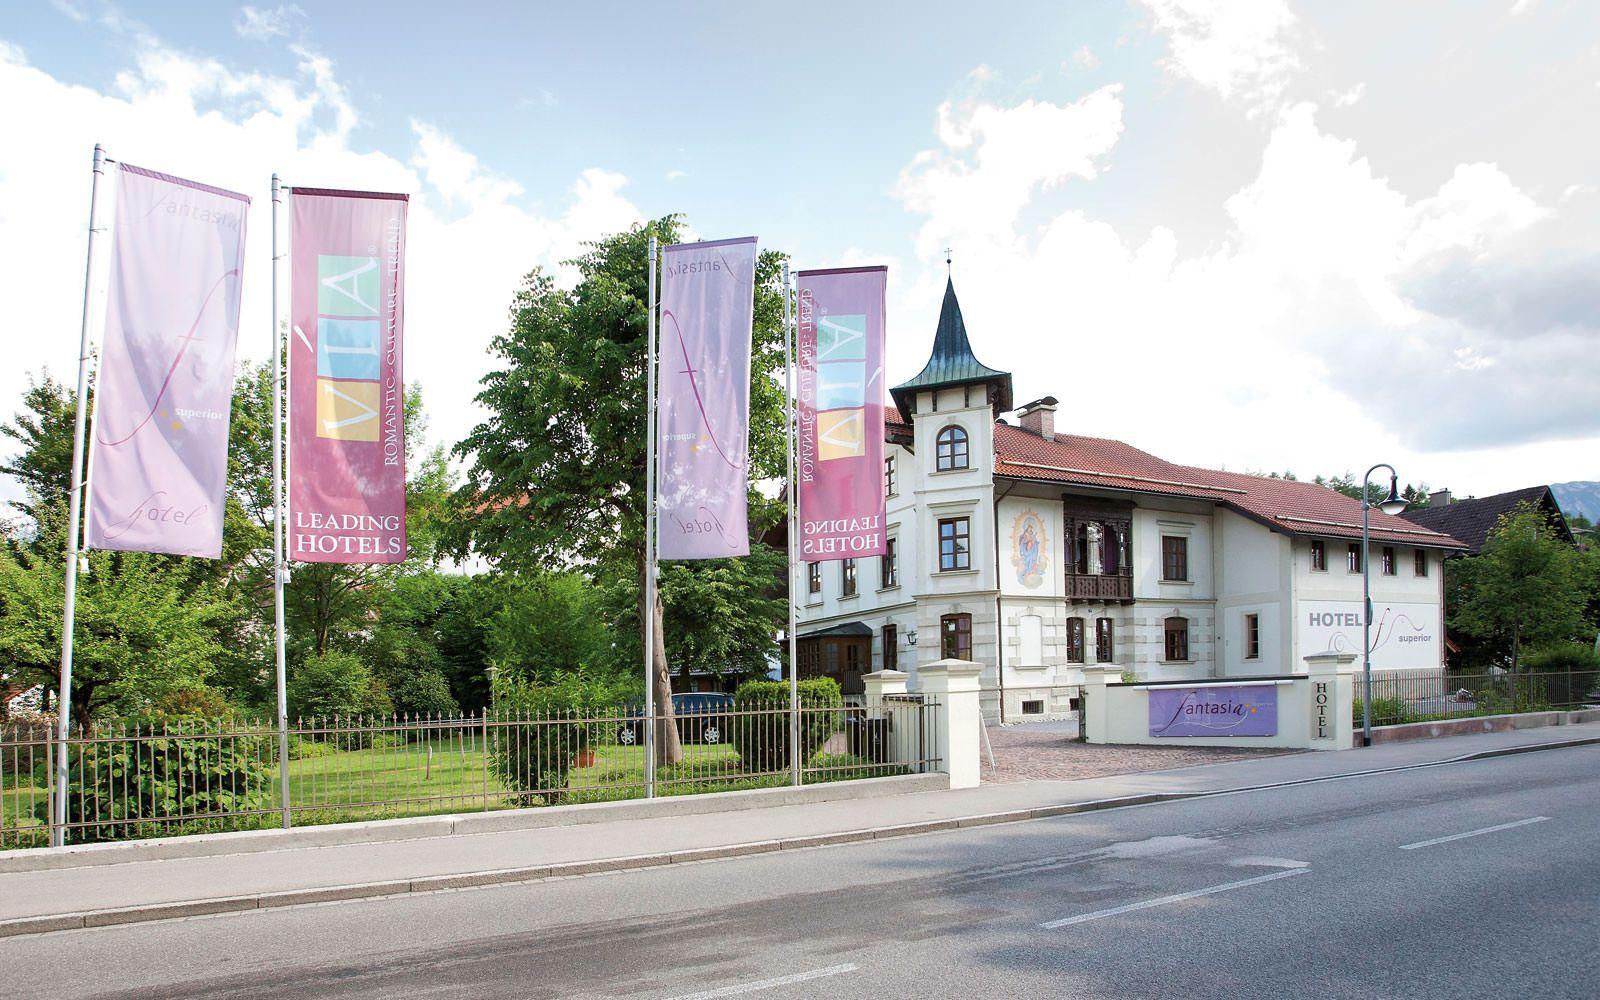 Hotel Fantasia Fussen Im Allgau Fantasia Hotel Jugendstil